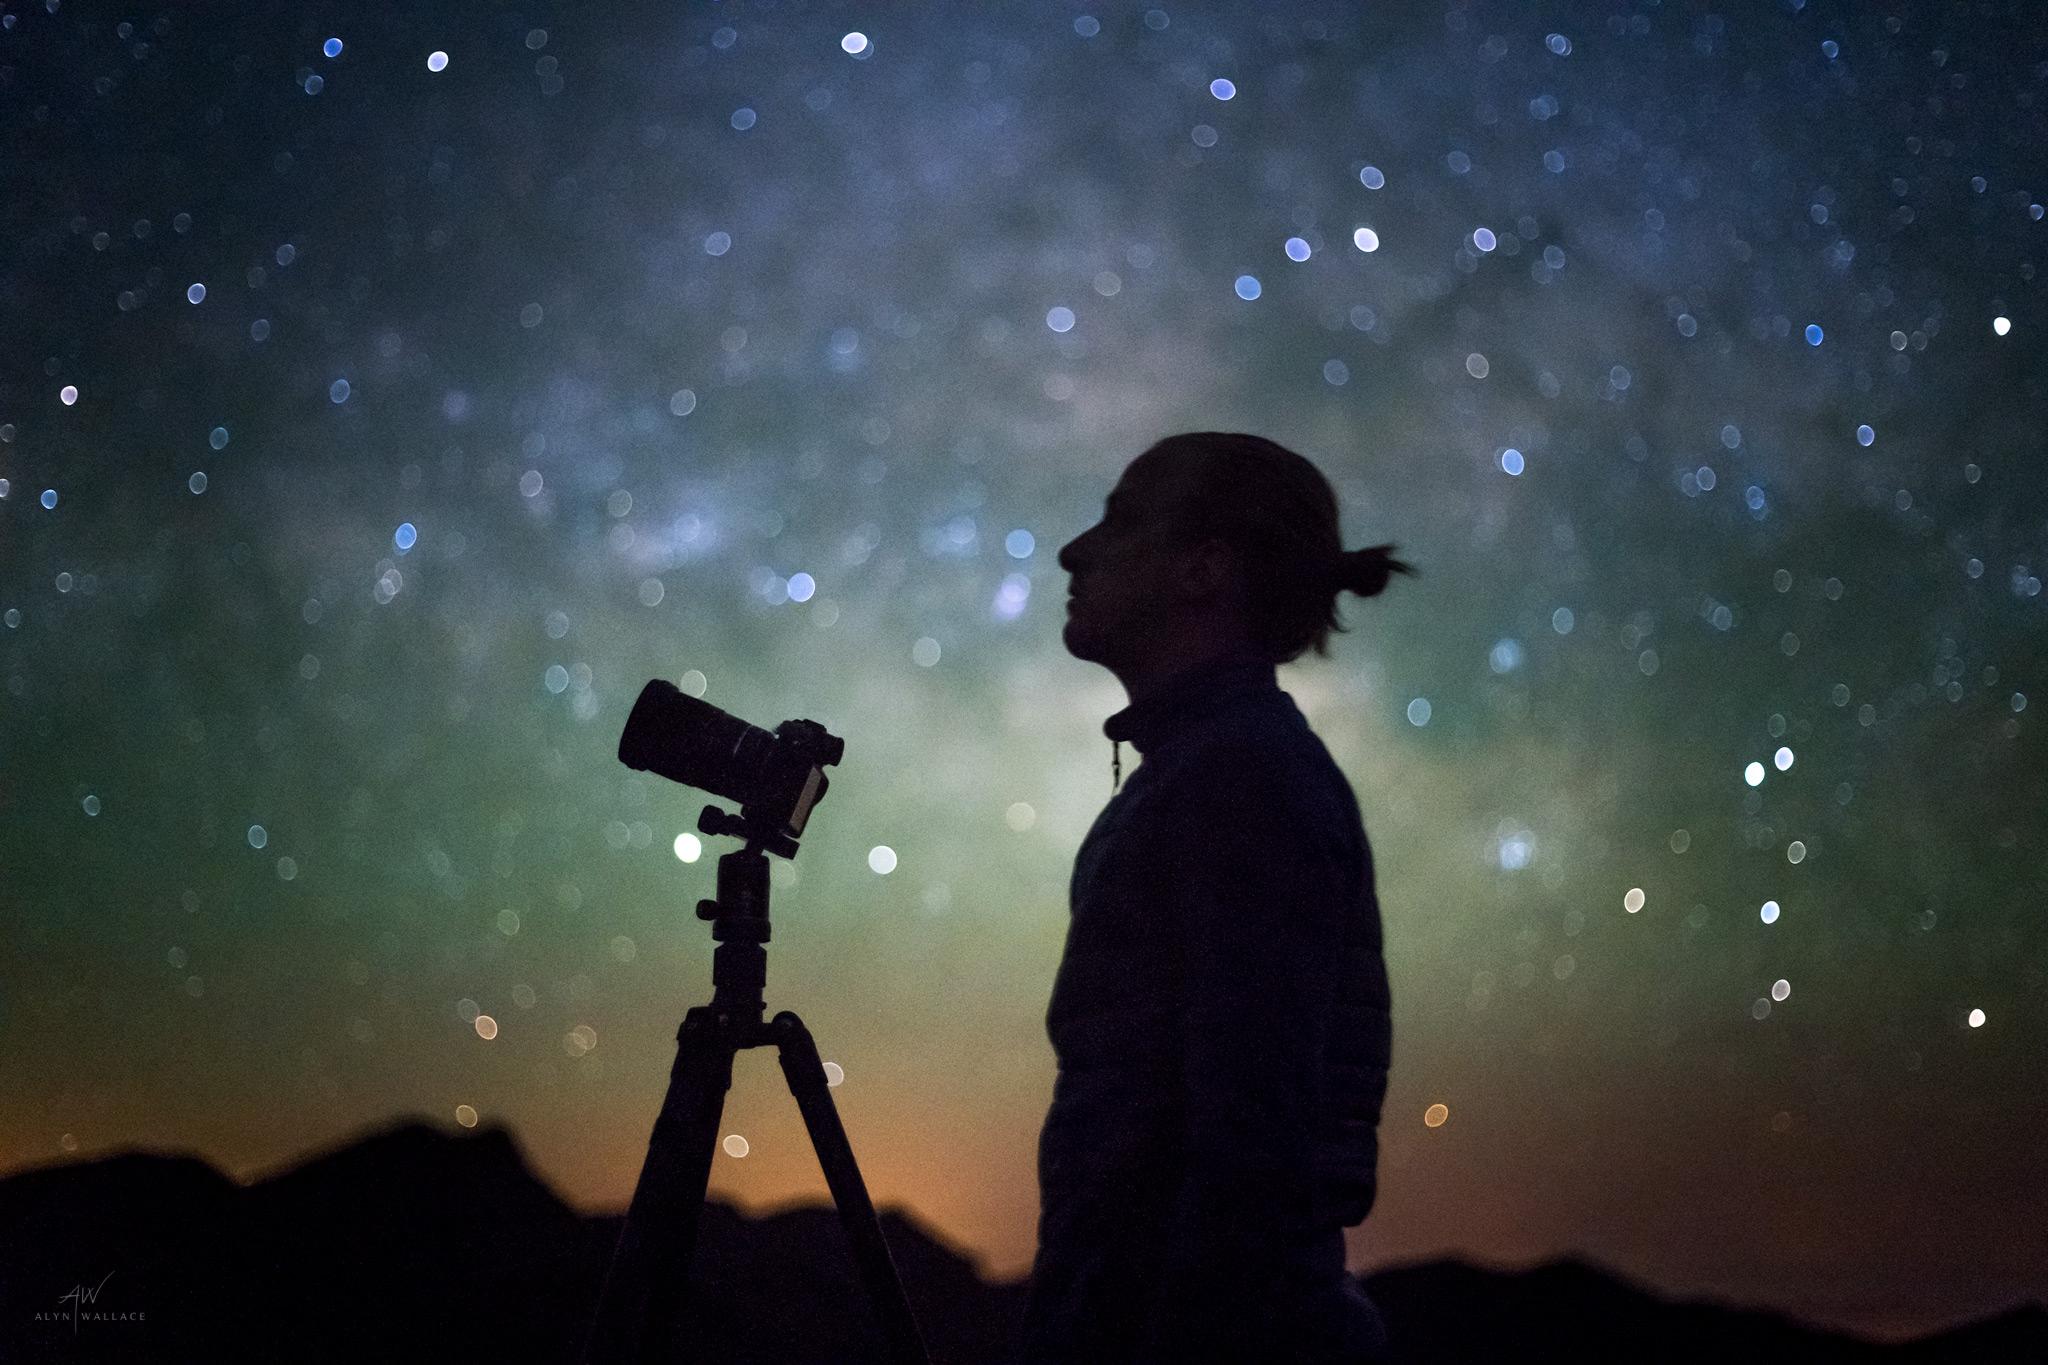 Milky-Way-Portrait-Astrophotographer.jpg